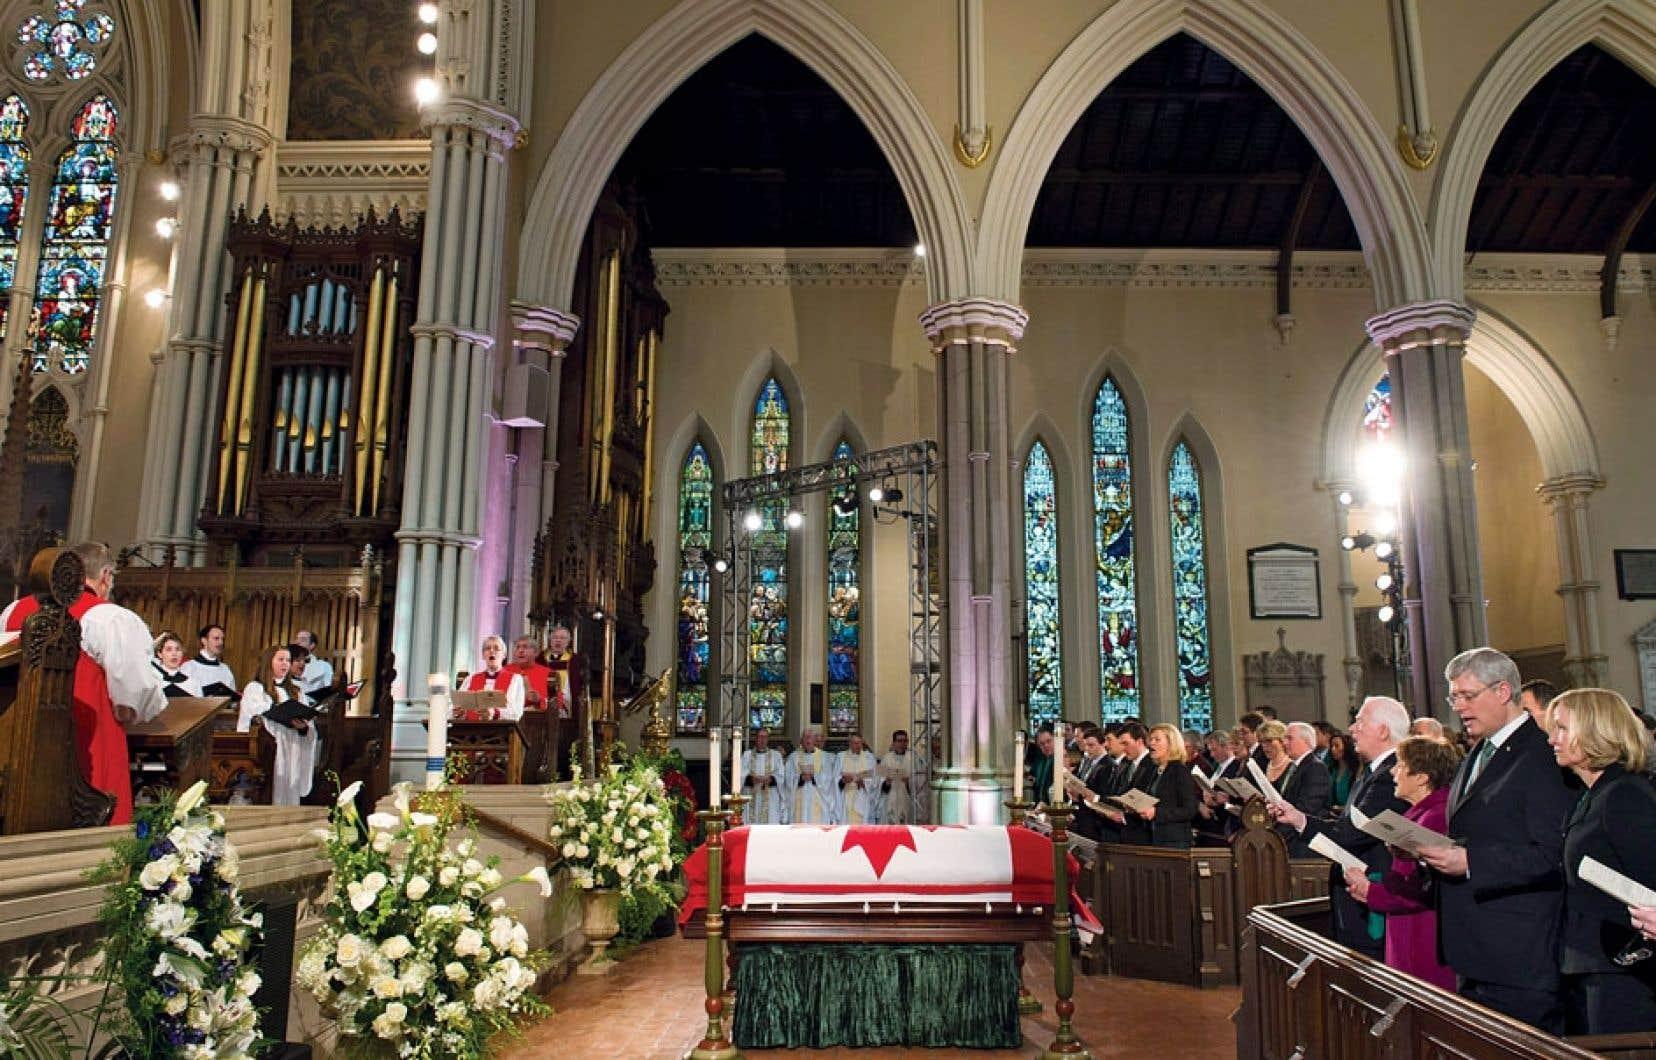 L'élite du monde politique canadien s'est réunie mercredi en la cathédrale St. James, au centre-ville de Toronto. Le premier ministre Stephen Harper, un ami intime de Jim Flaherty, a pris la parole.